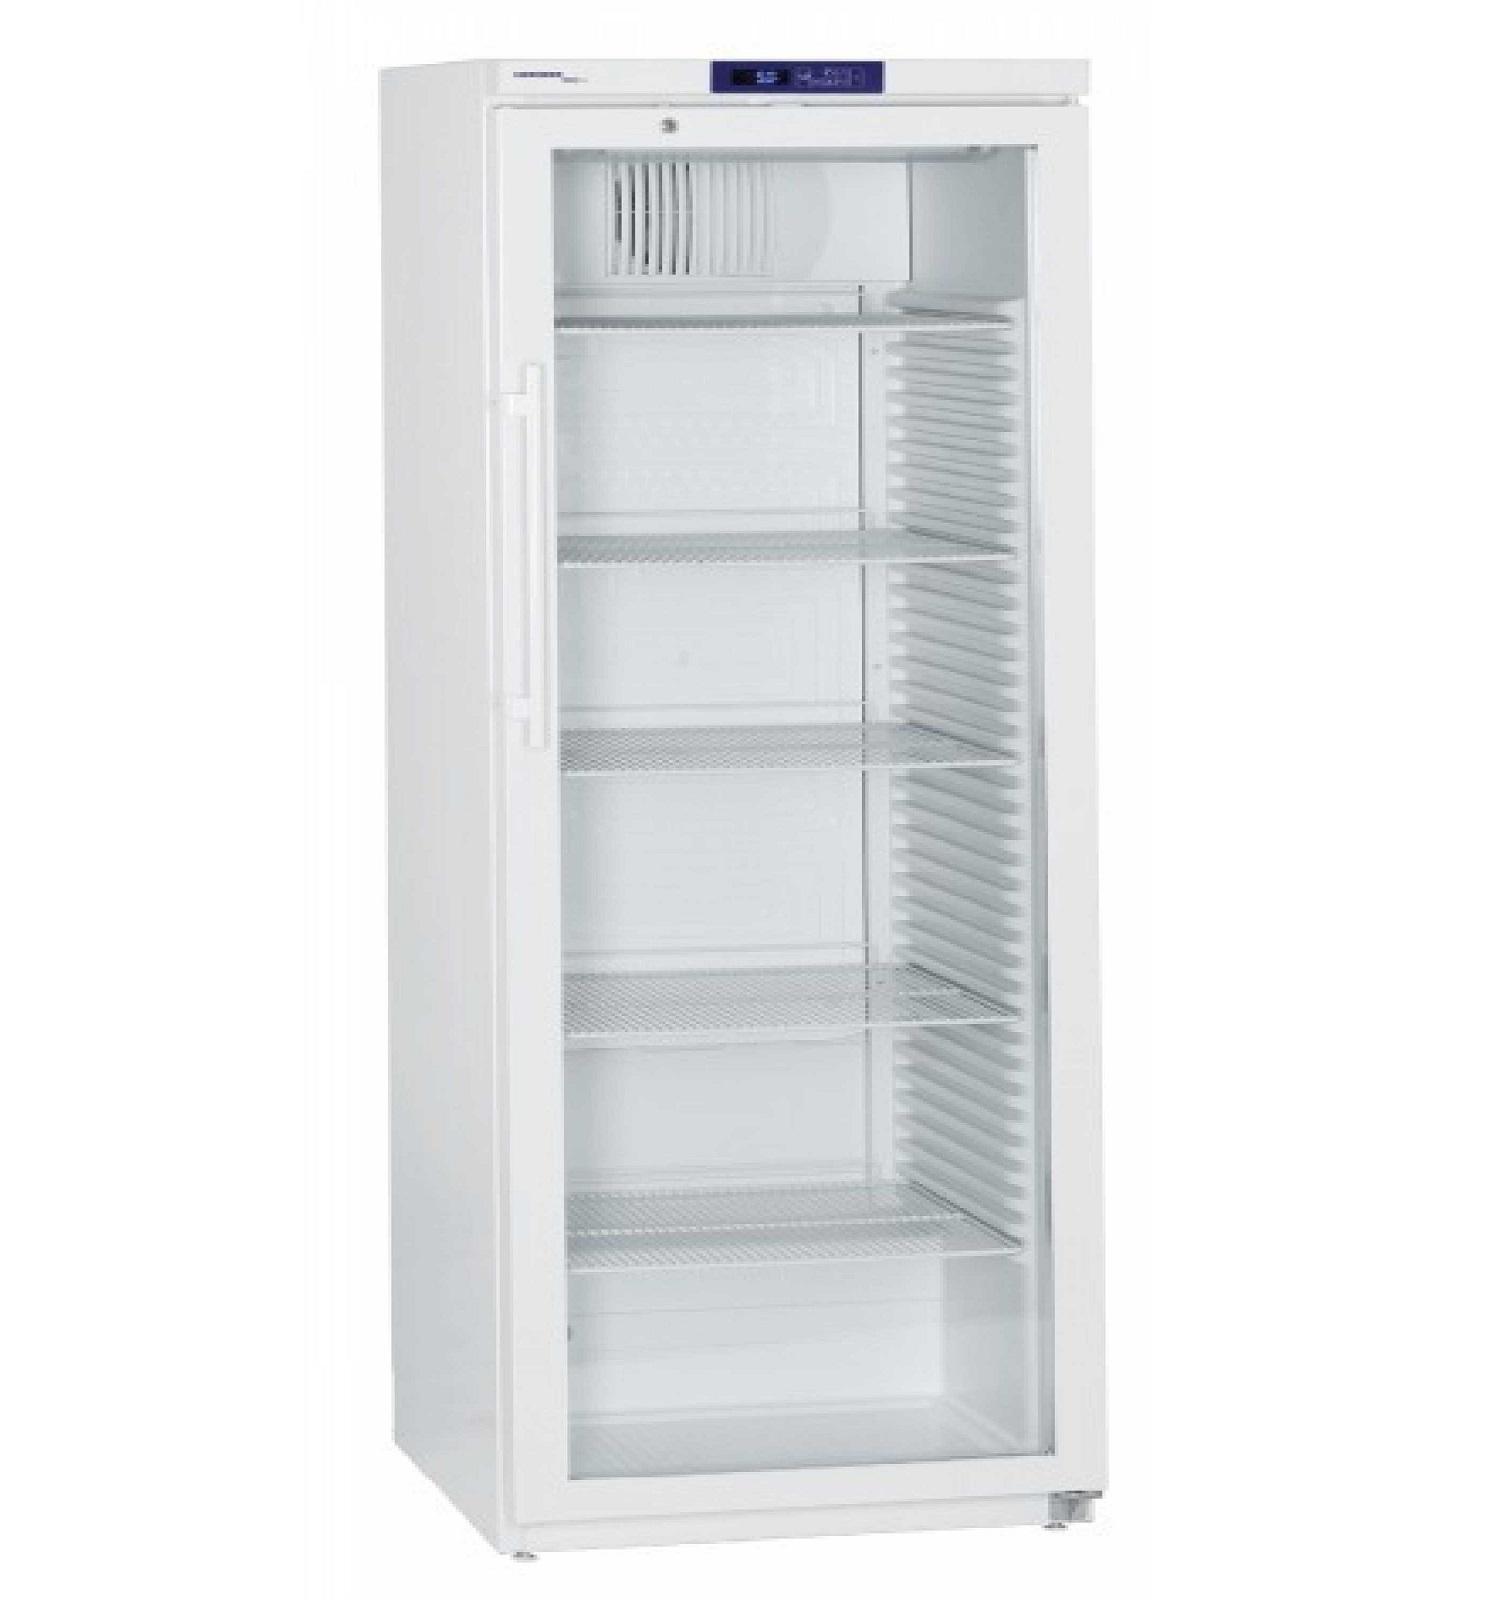 купить Лабораторный холодильный шкаф Liebherr LKv 3913 Украина фото 1